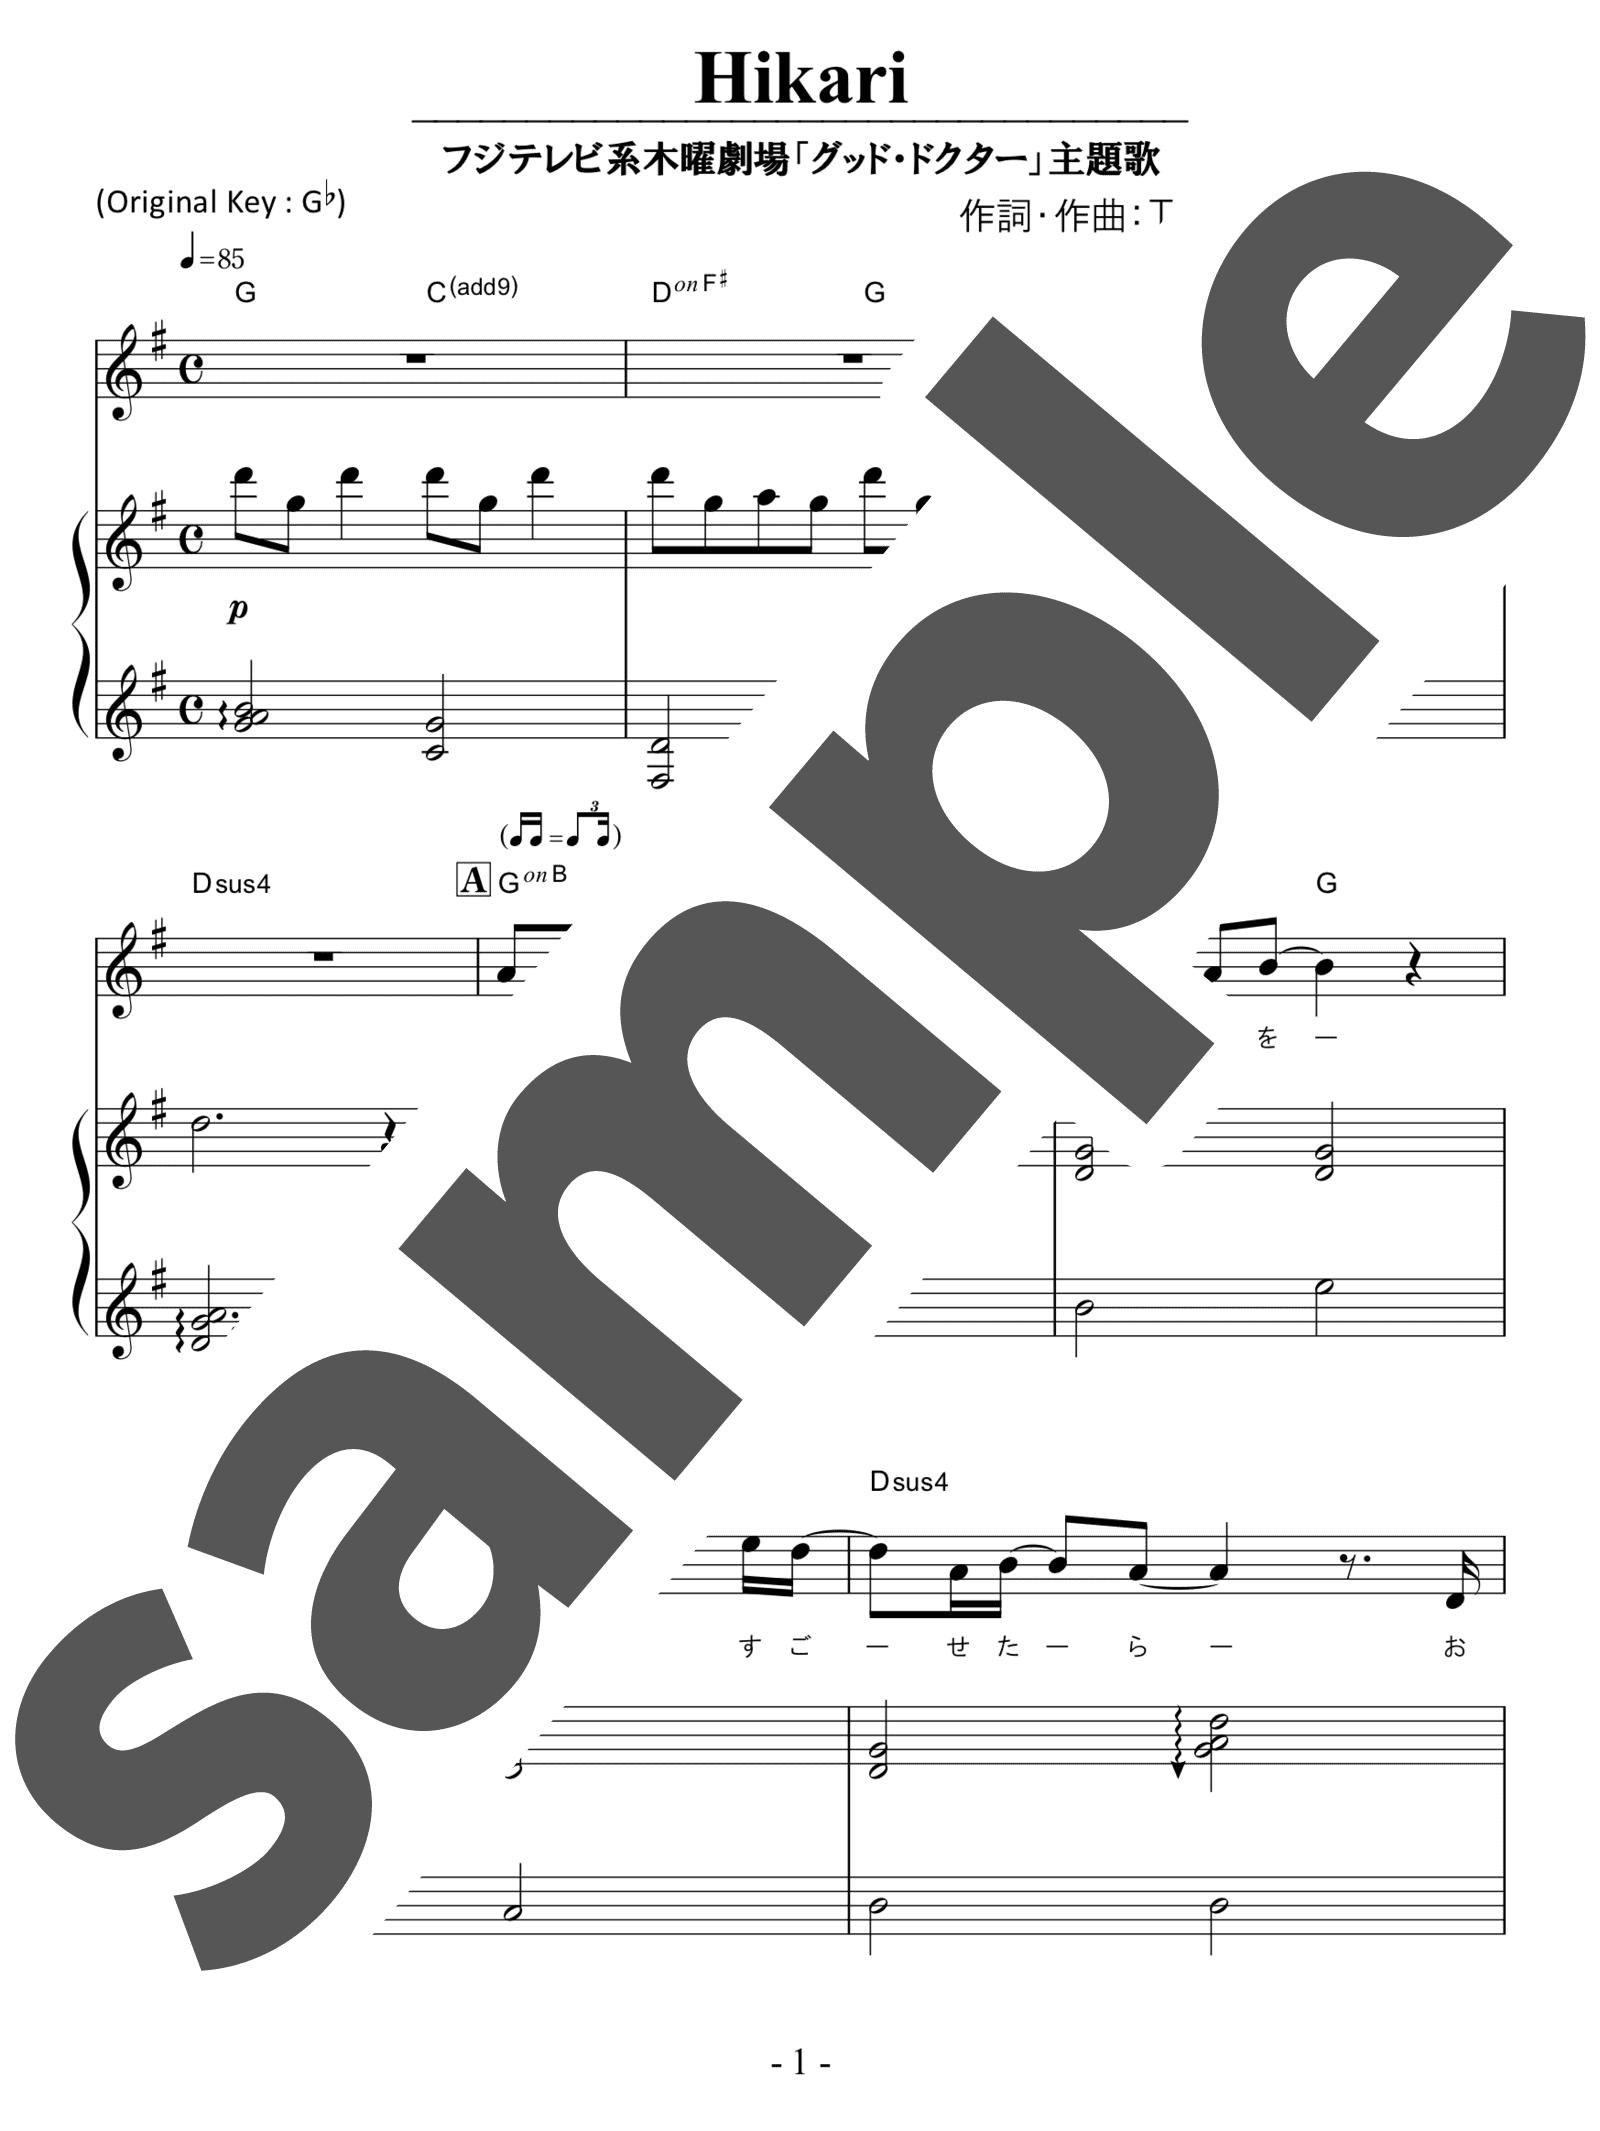 「Hikari」のサンプル楽譜